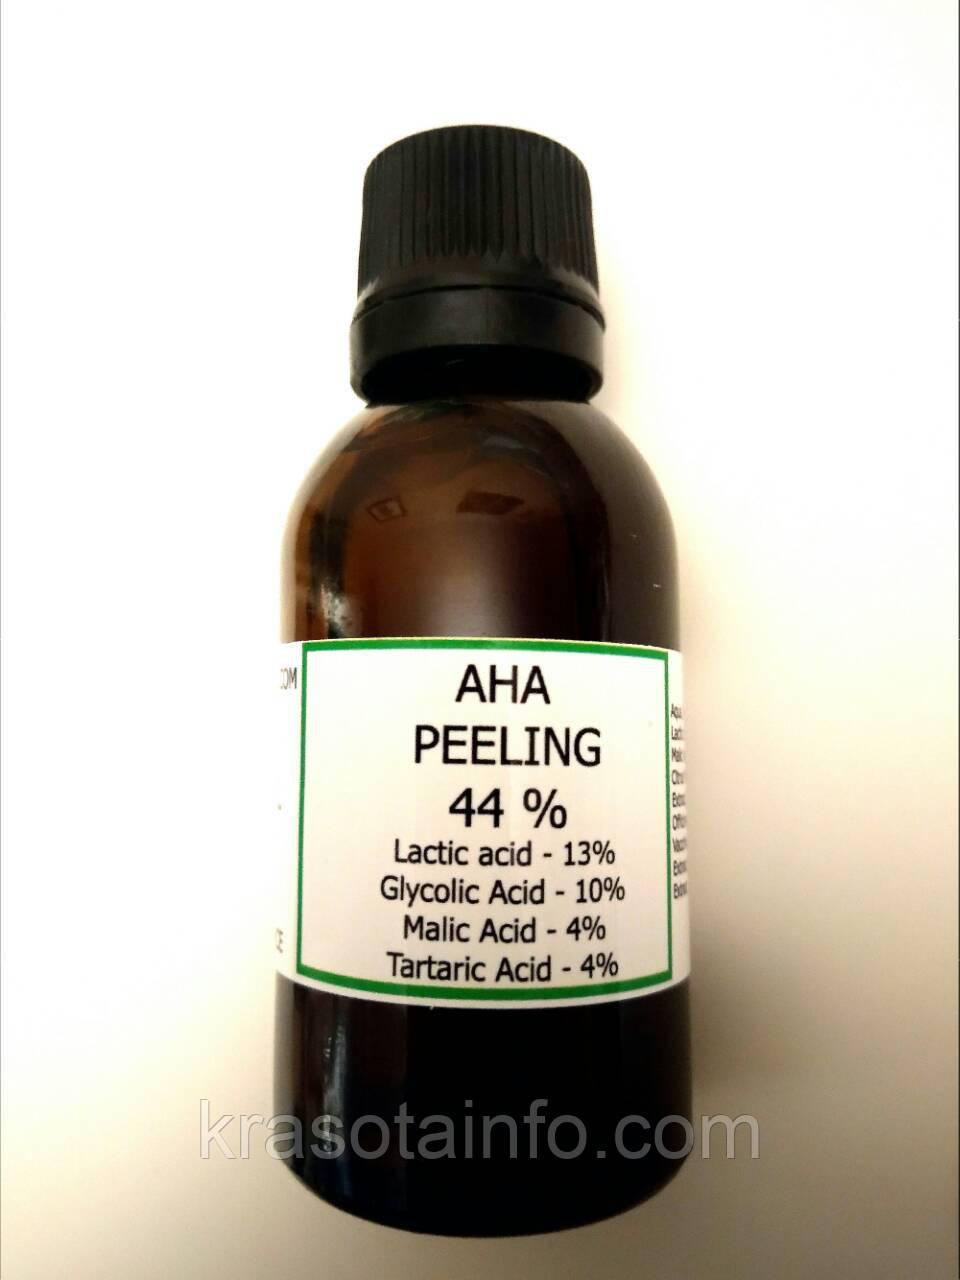 Пилинг для лица AHA 44%, профессиональный, 30 мл.